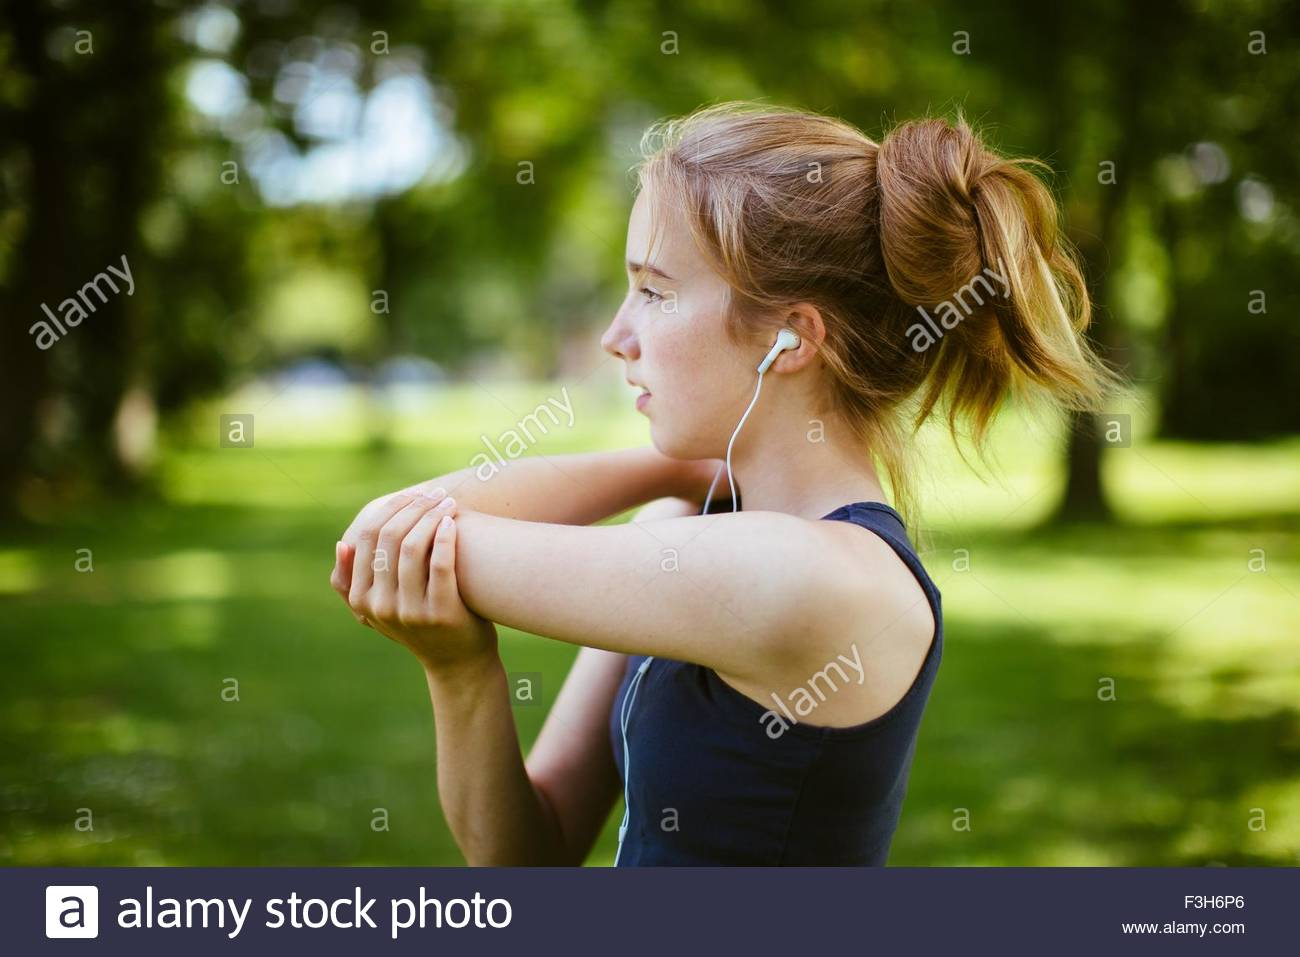 Giovane ragazza nel parco, facendo tratti del braccio Immagini Stock